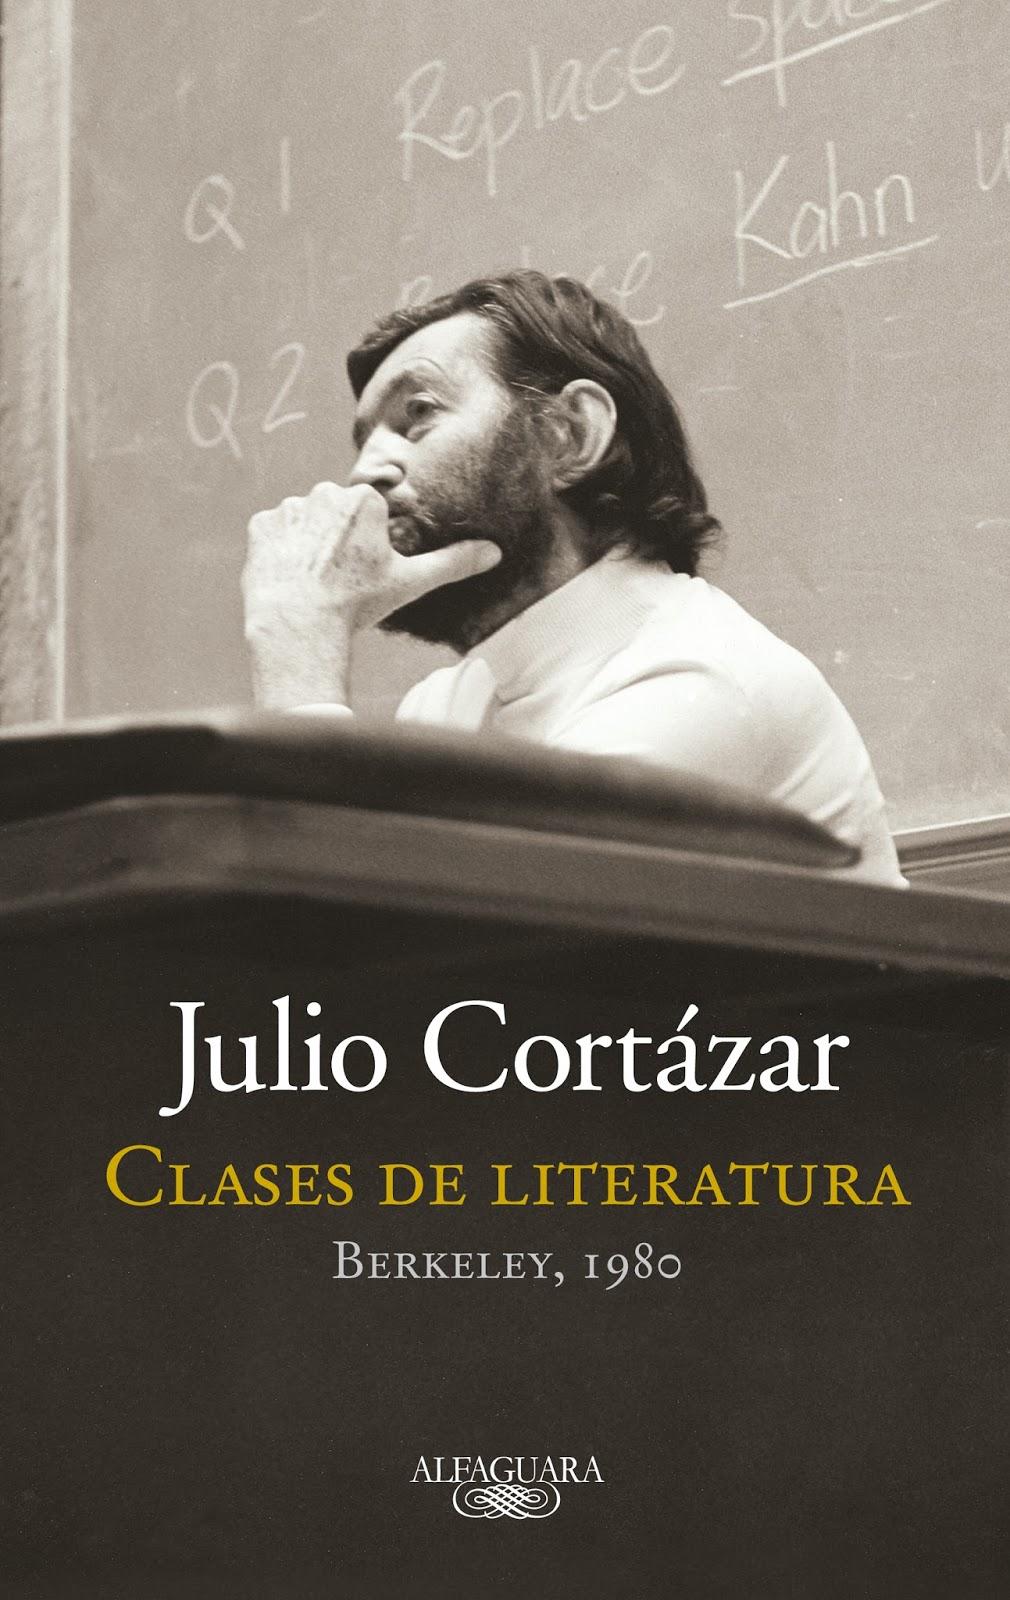 Reseña: Clases de literatura, de Julio Cortázar